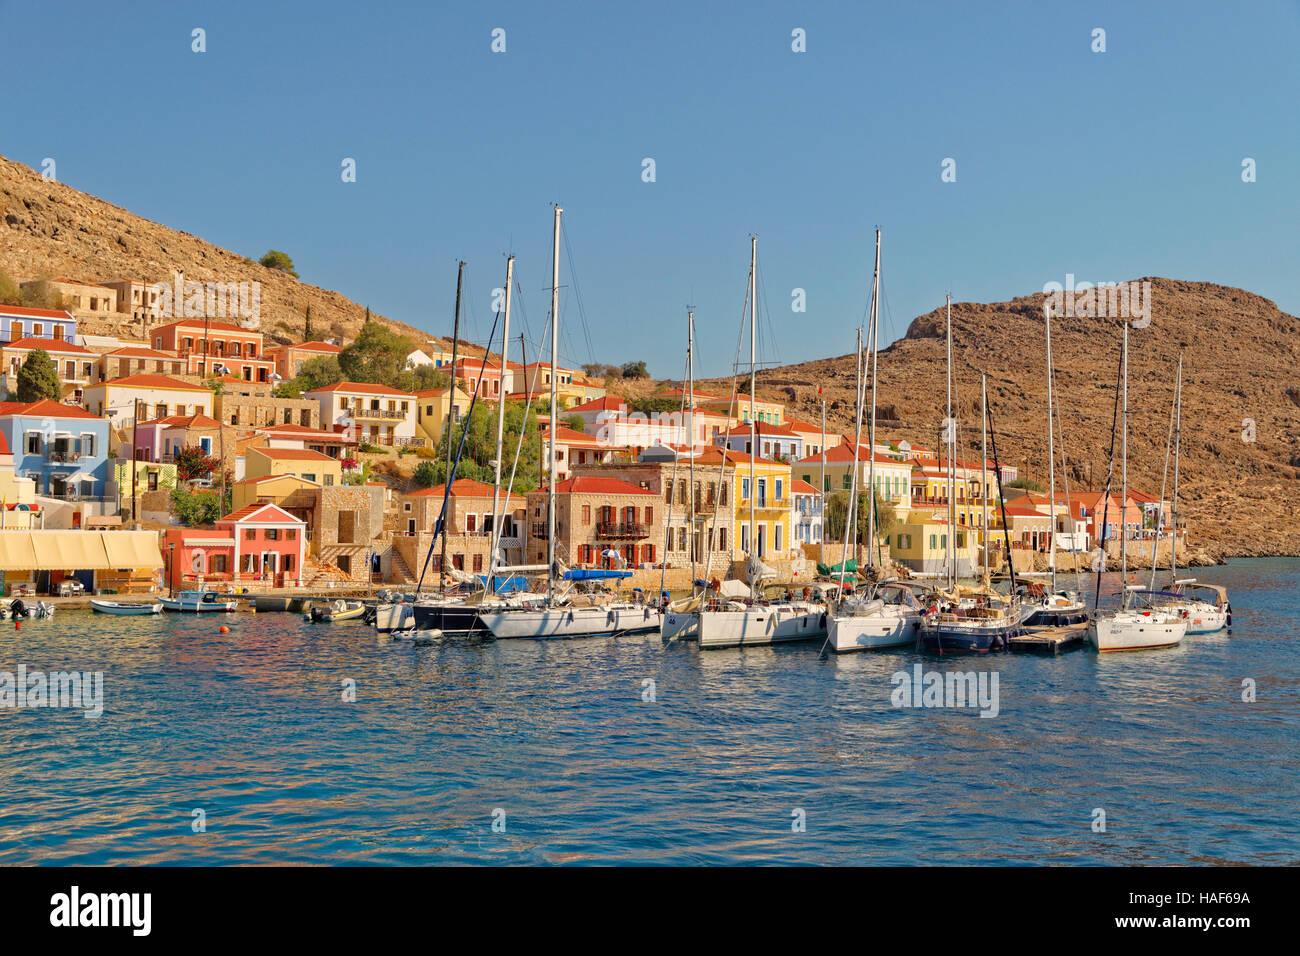 Yacht-Liegeplätze in Chalki Stadt, griechischen Insel Chalki abseits der nördlichen Küste von Rhodos, Stockbild